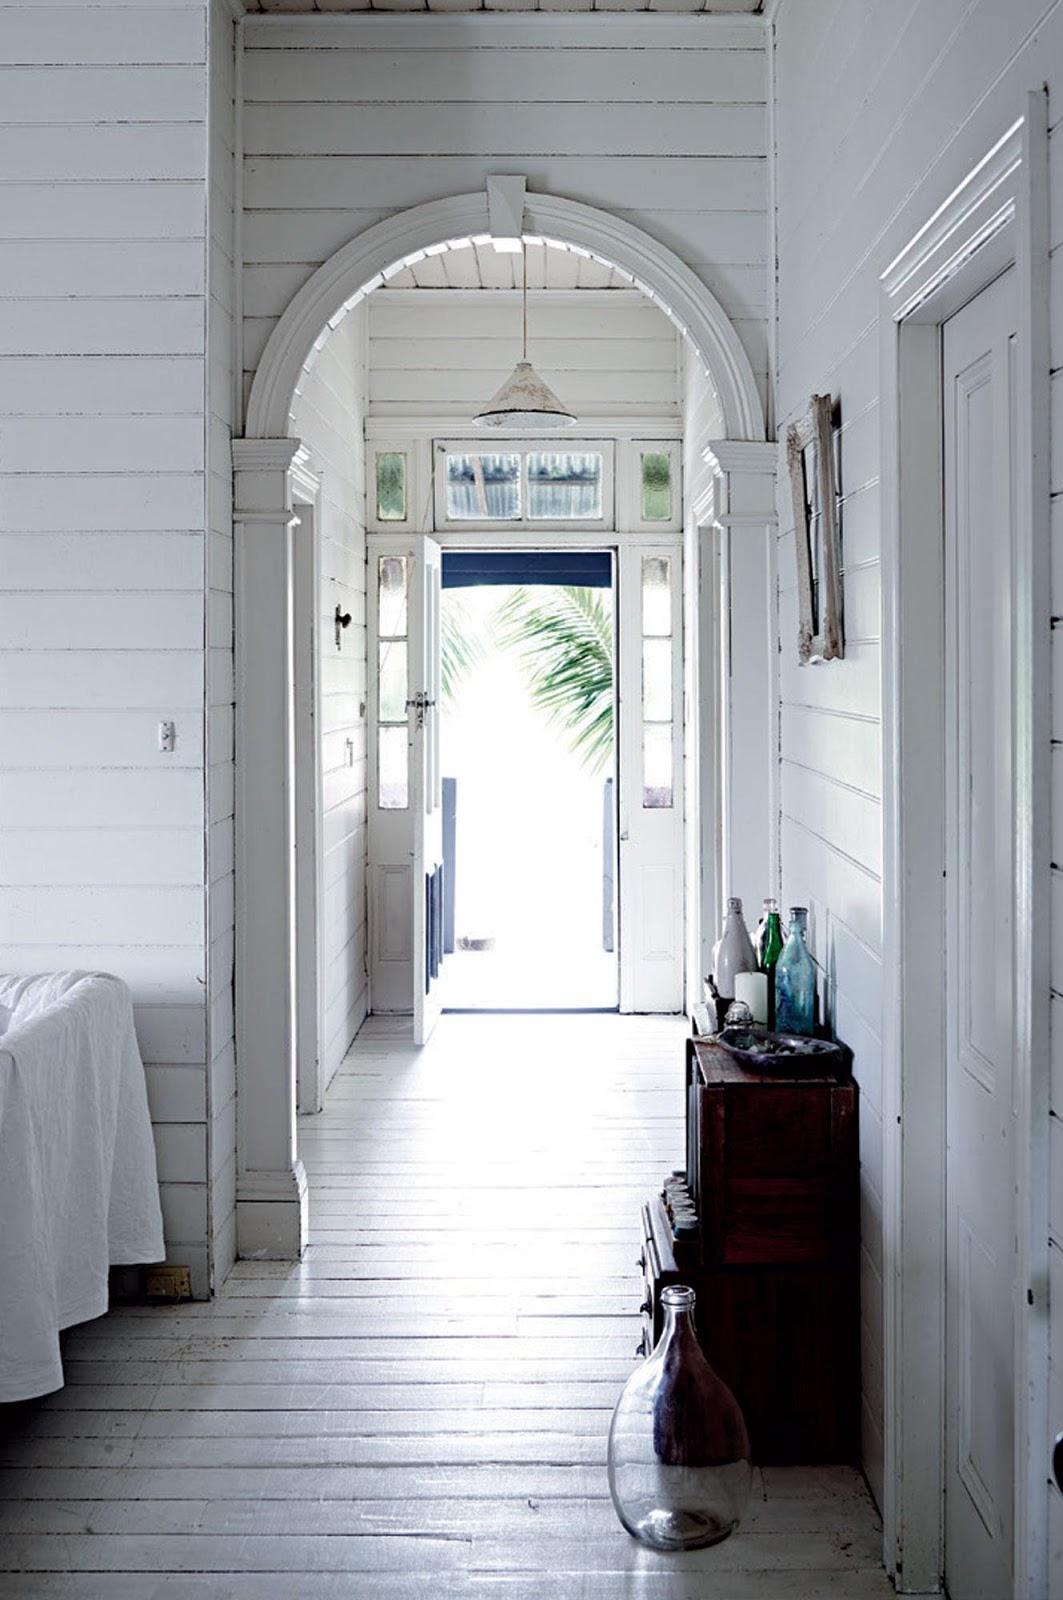 nom d 39 une maison parfaite pour la vie revee des anges berenice big. Black Bedroom Furniture Sets. Home Design Ideas